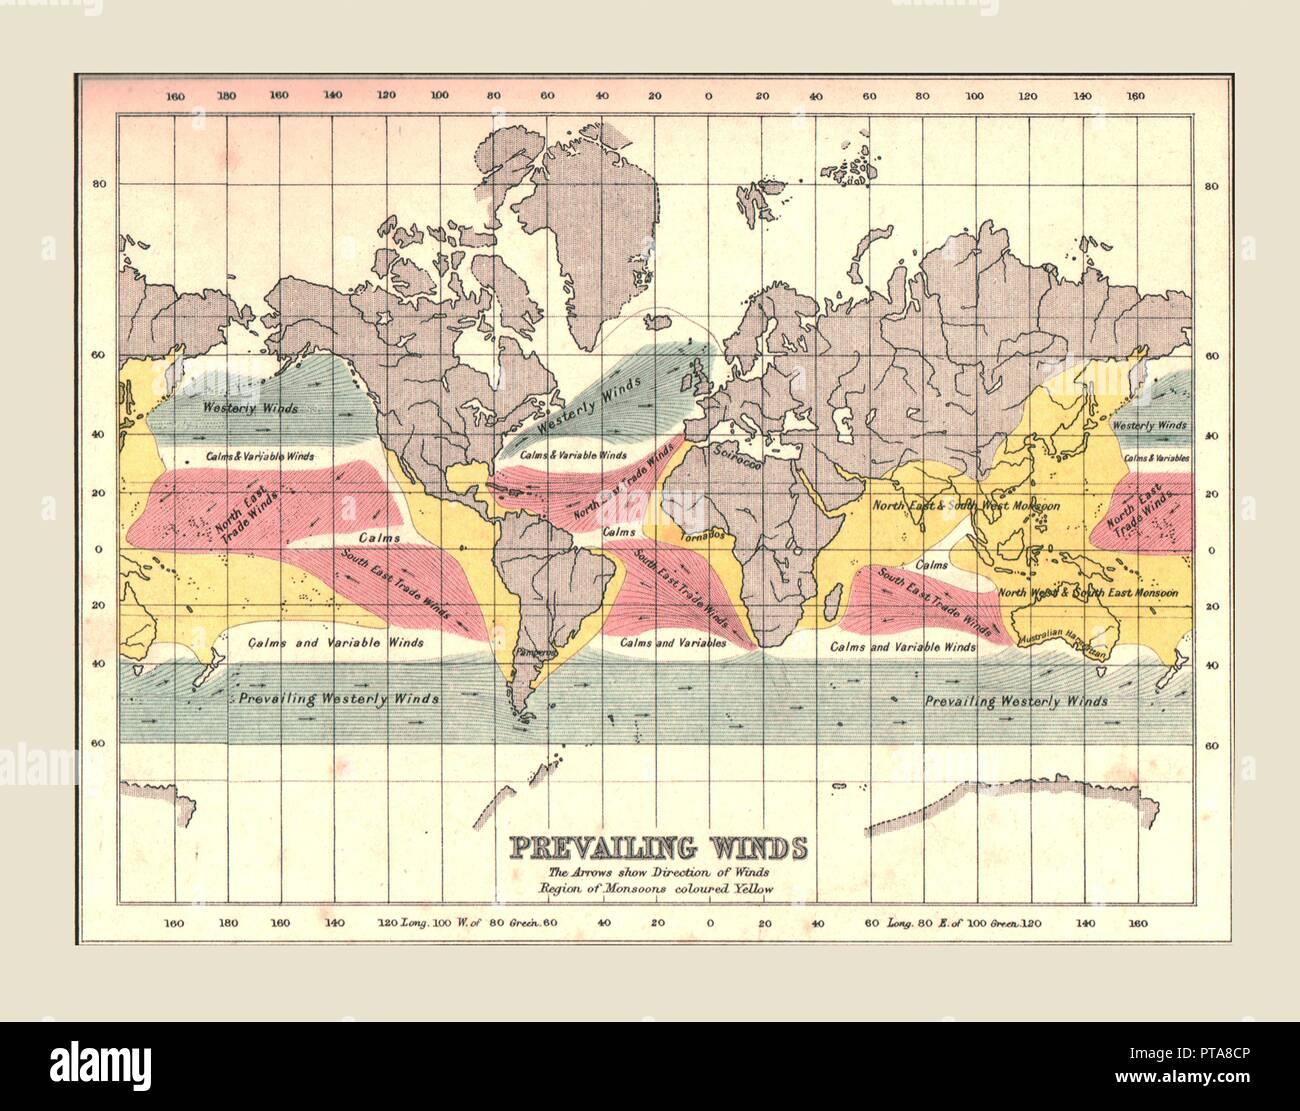 Mapa del mundo mostrando los Vientos, 1902. Flechas que muestran la dirección, con regiones de monzón en color amarillo. A partir del siglo Atlas del mundo. [John Walker &Amp; Co, Ltd., Londres, 1902] Imagen De Stock